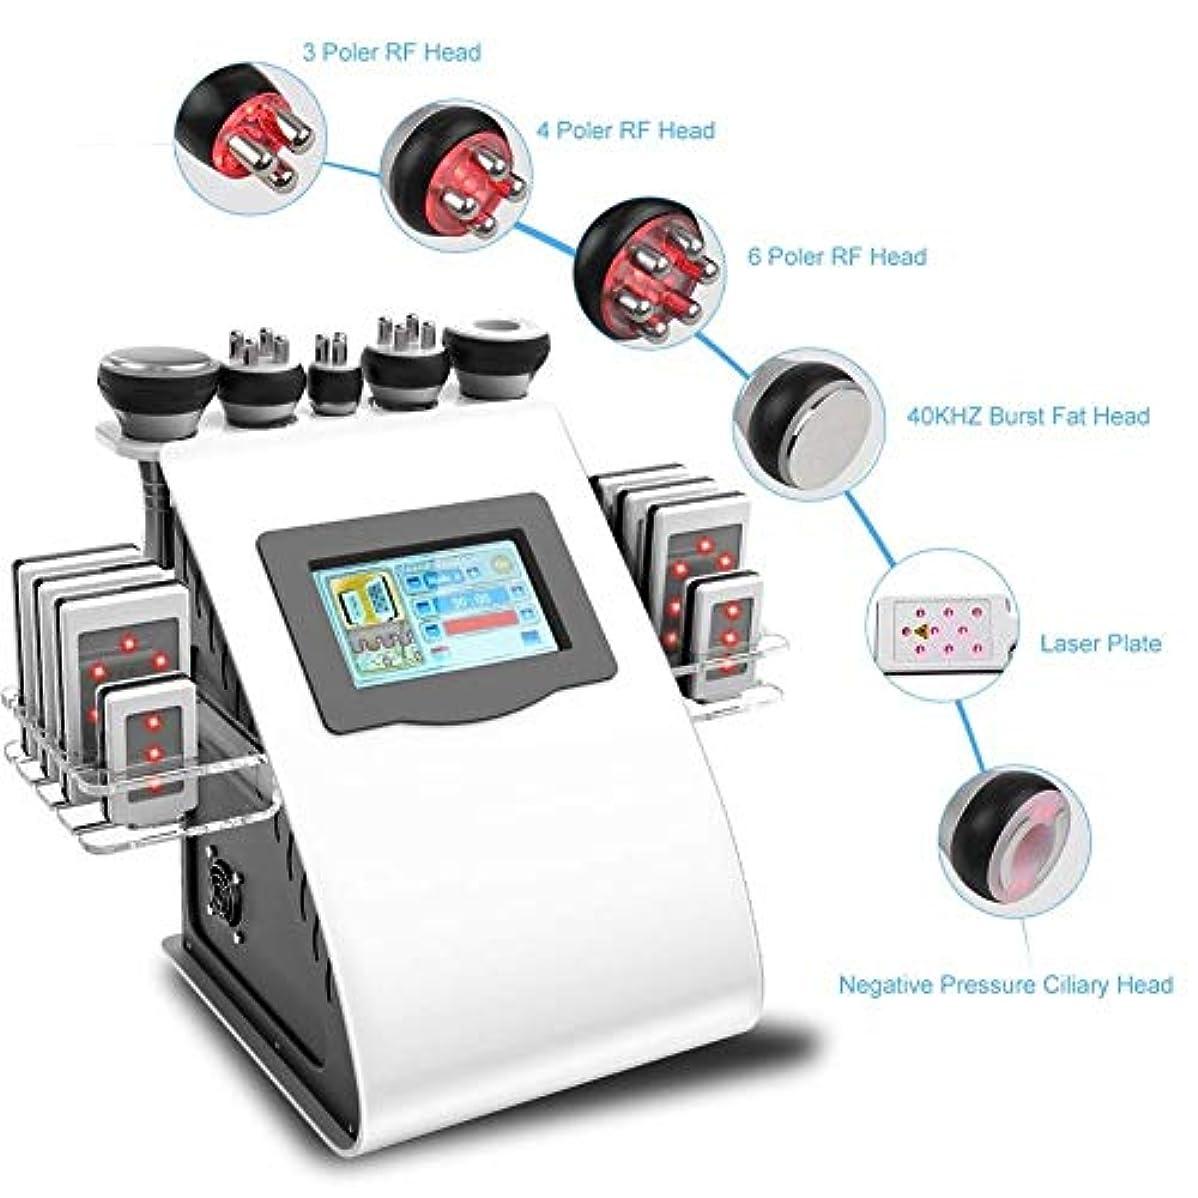 カリングポスト印象派しないマッサージ、フェイスケアボディスリミングシェーピング治療装置の機械、40Kプロフェッショナル脂肪マッサージ、美容R/F多極真空ツールリフティングスキンをシェーピングボディ、スキンケアSPAは、脂肪、脂肪燃焼しわ除去機を削除します